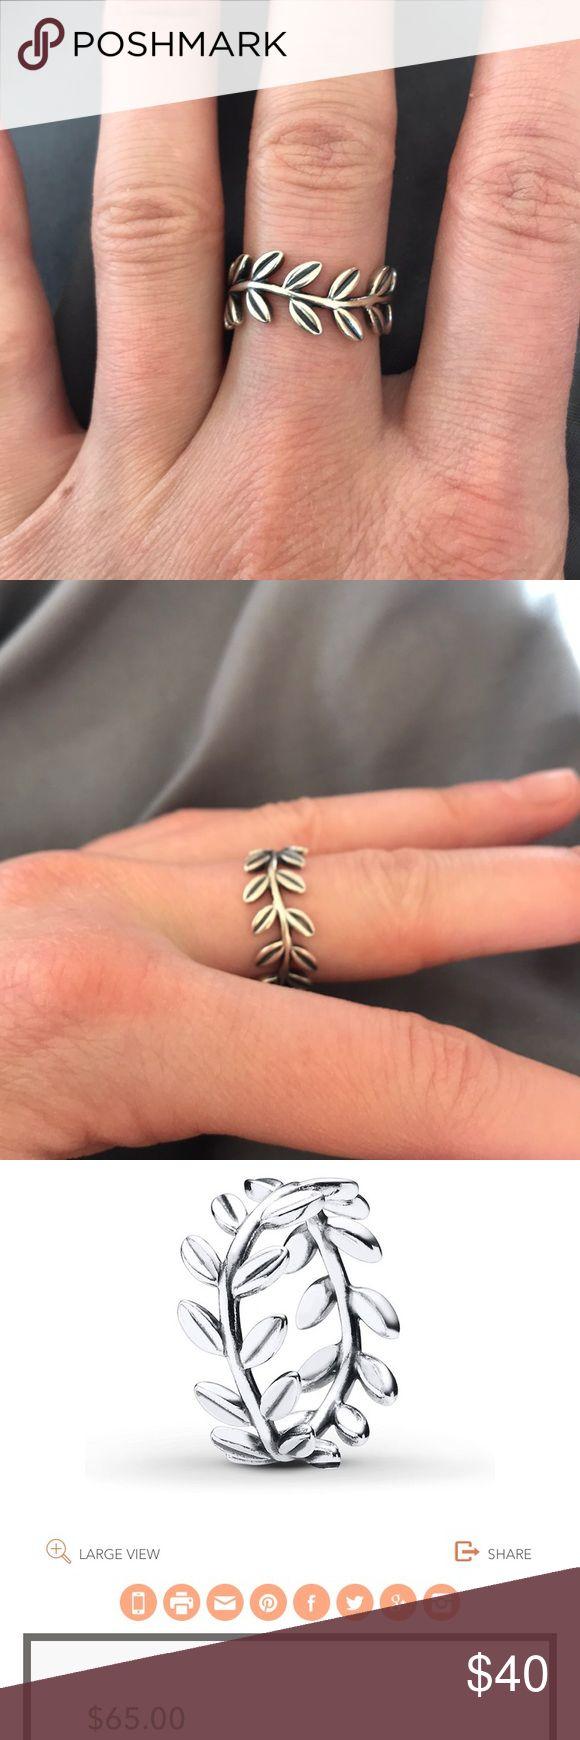 Pandora leaf ring Pandora sterling silver 925 leaf ring size 6 Pandora Jewelry Rings